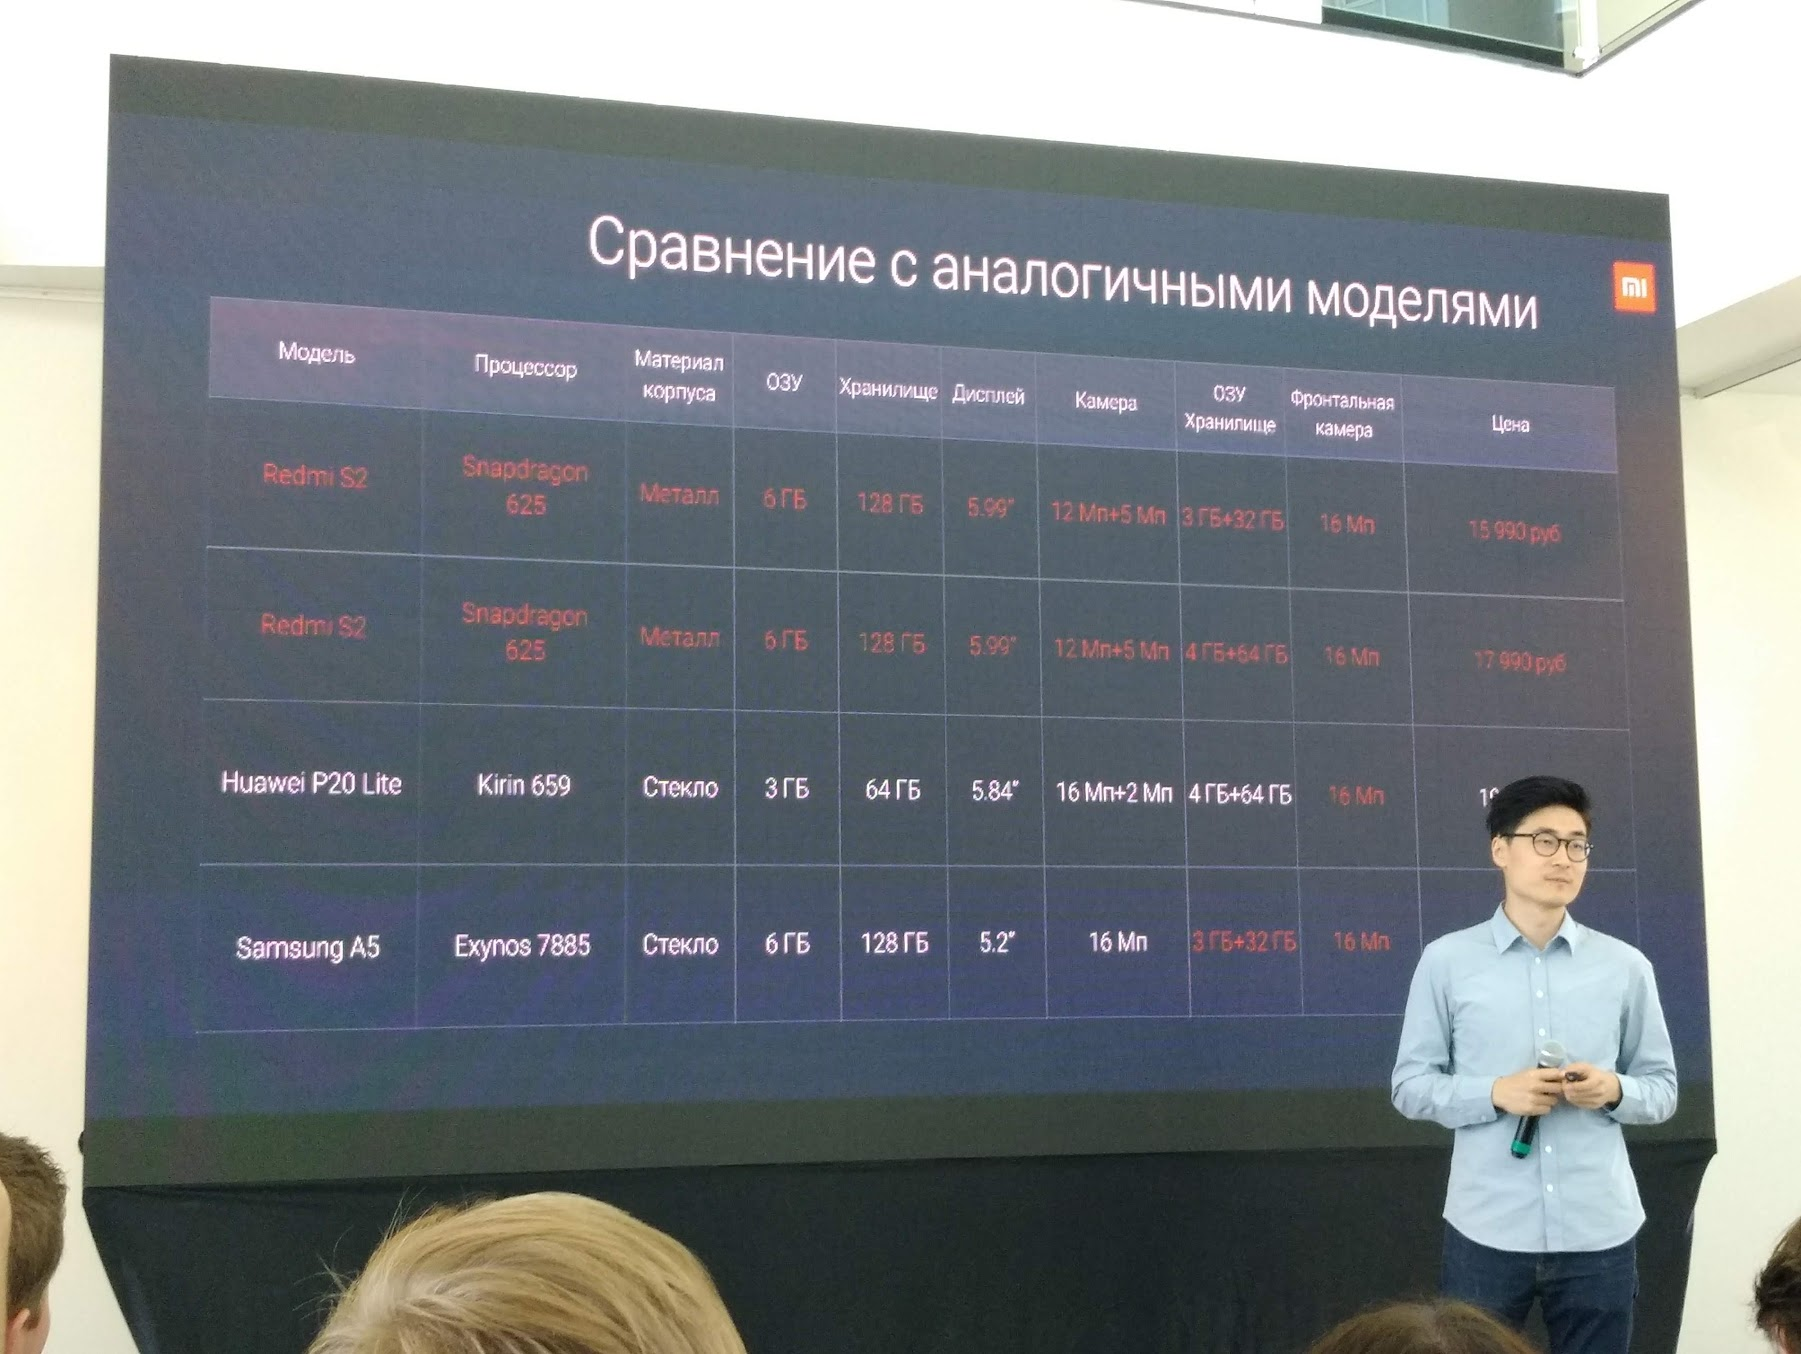 Российские цены наXiaomi MiMix 2S иRedmi S2 объявлены официально